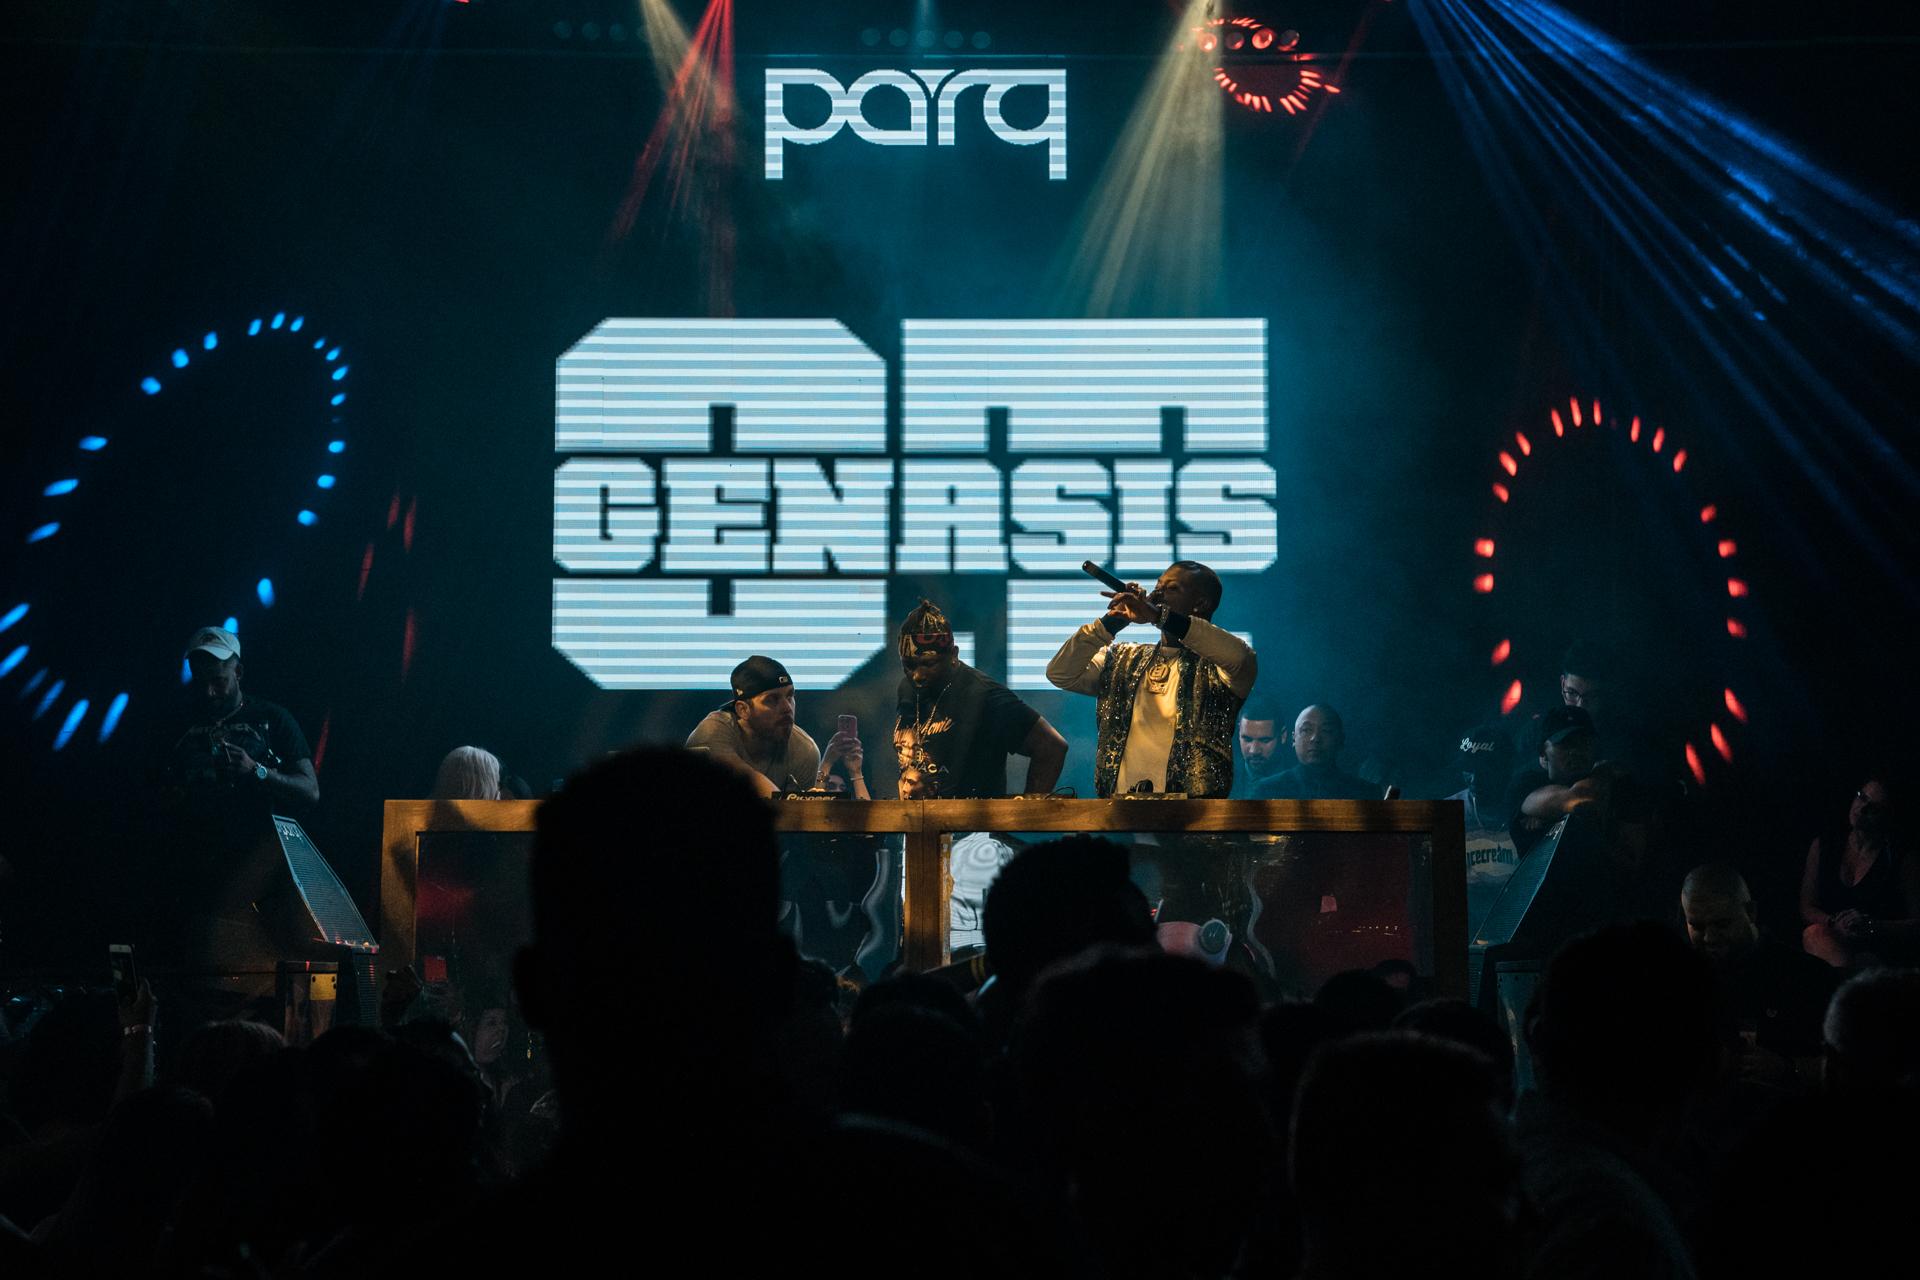 11.17.17 Parq - O.T Genasis-Scene--1.jpg